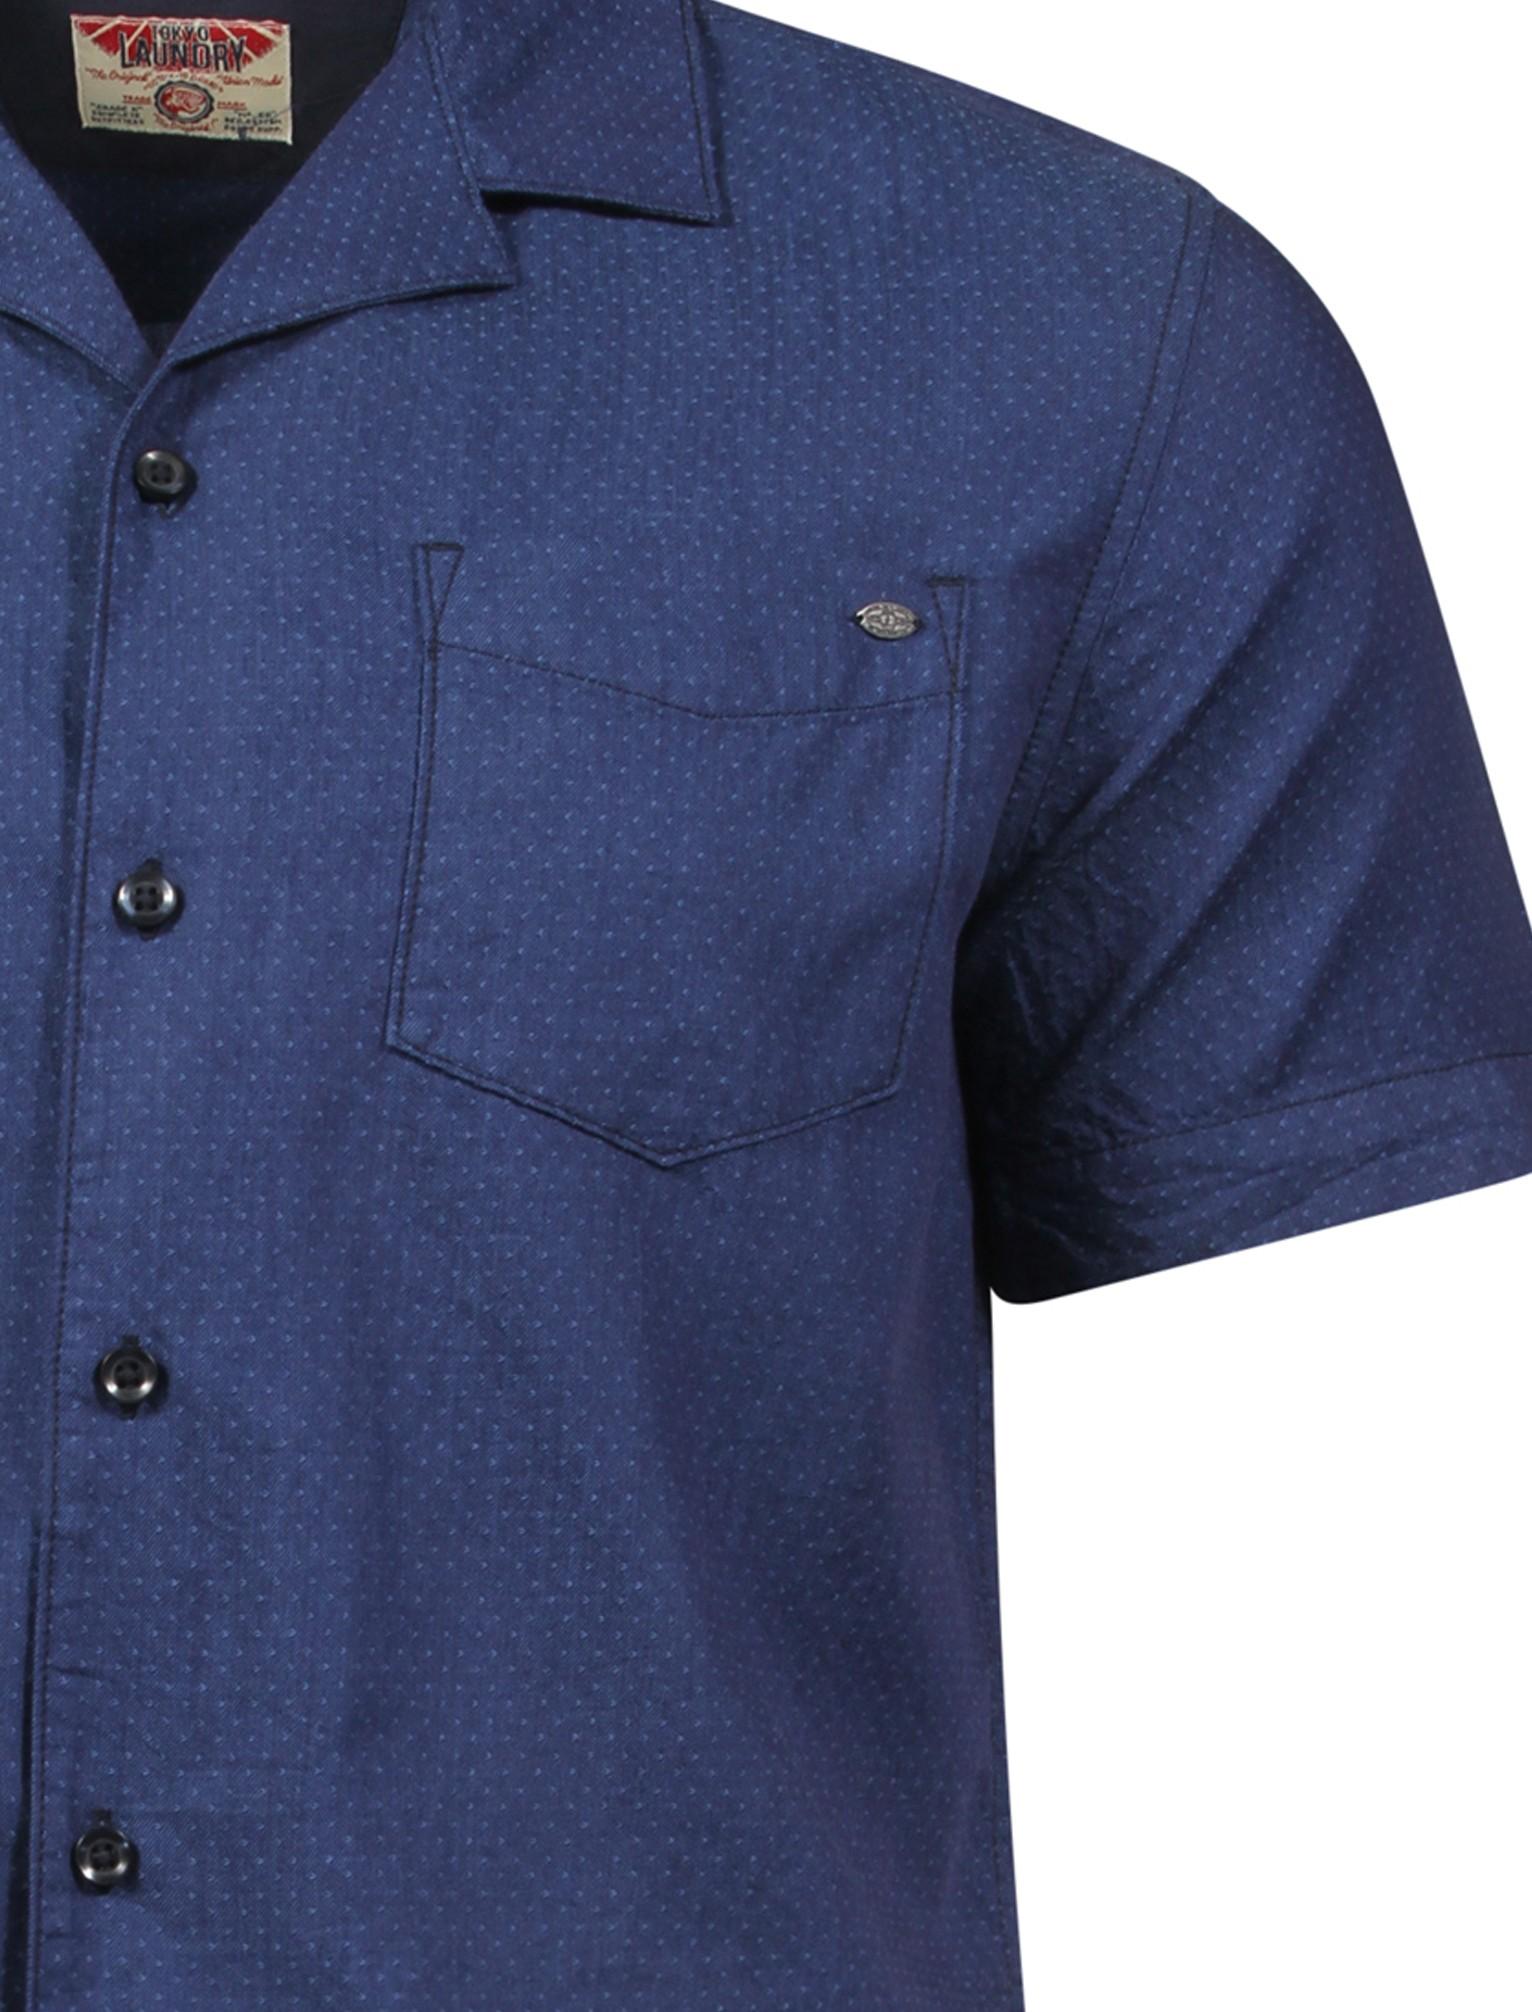 New Mens Tokyo Laundry Marino Short Sleeve Button Polka